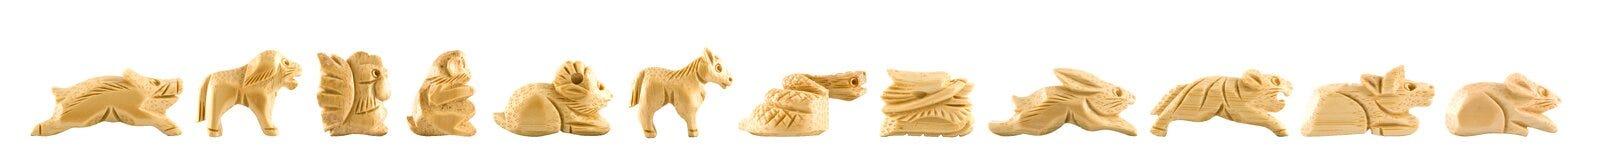 szyldowy Chińczyka woodcarving Zdjęcie Royalty Free